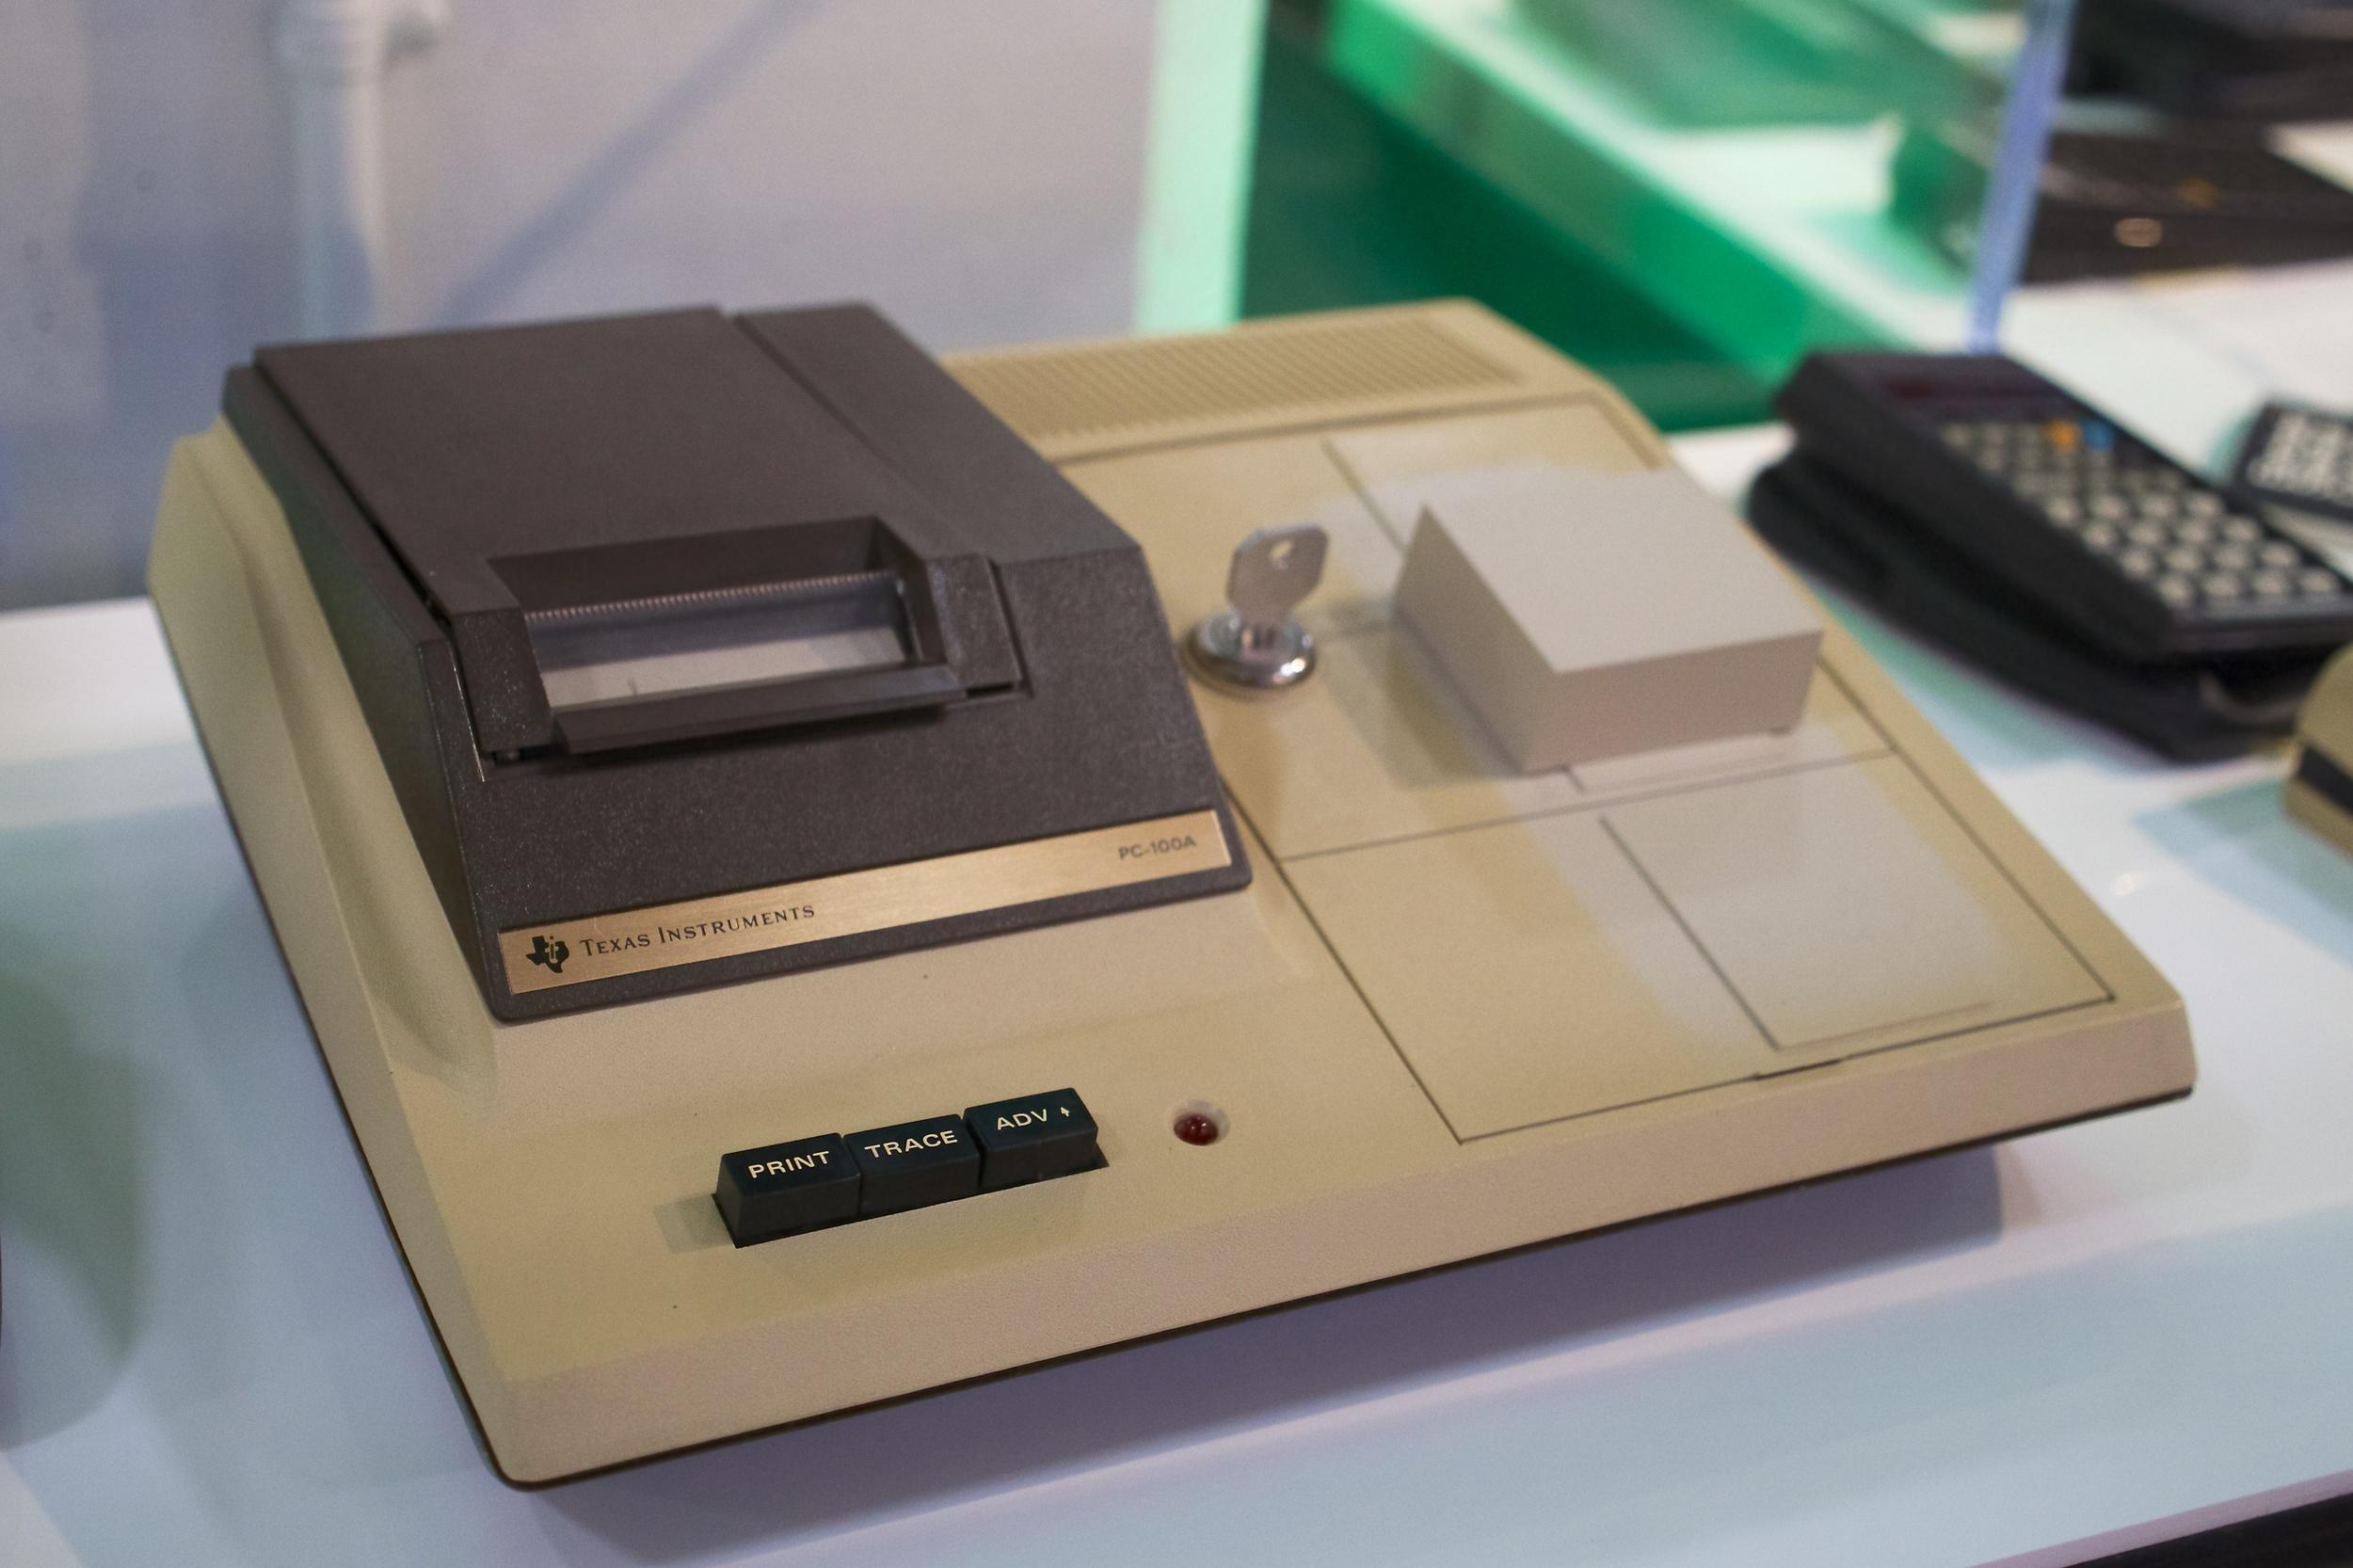 PC-100A printer